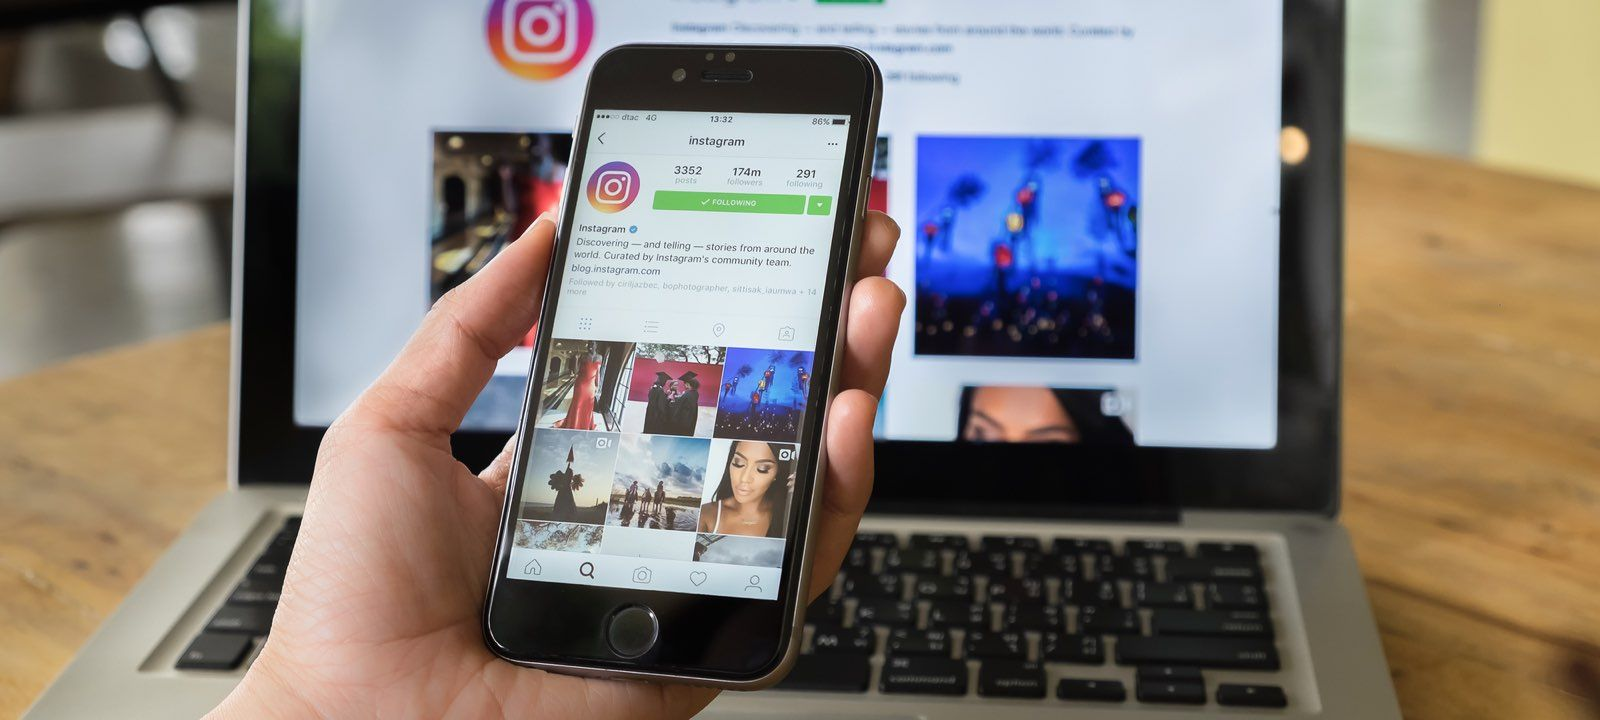 Смартфон с открытым Инстаграм в руке на фоне открытого ноутбука